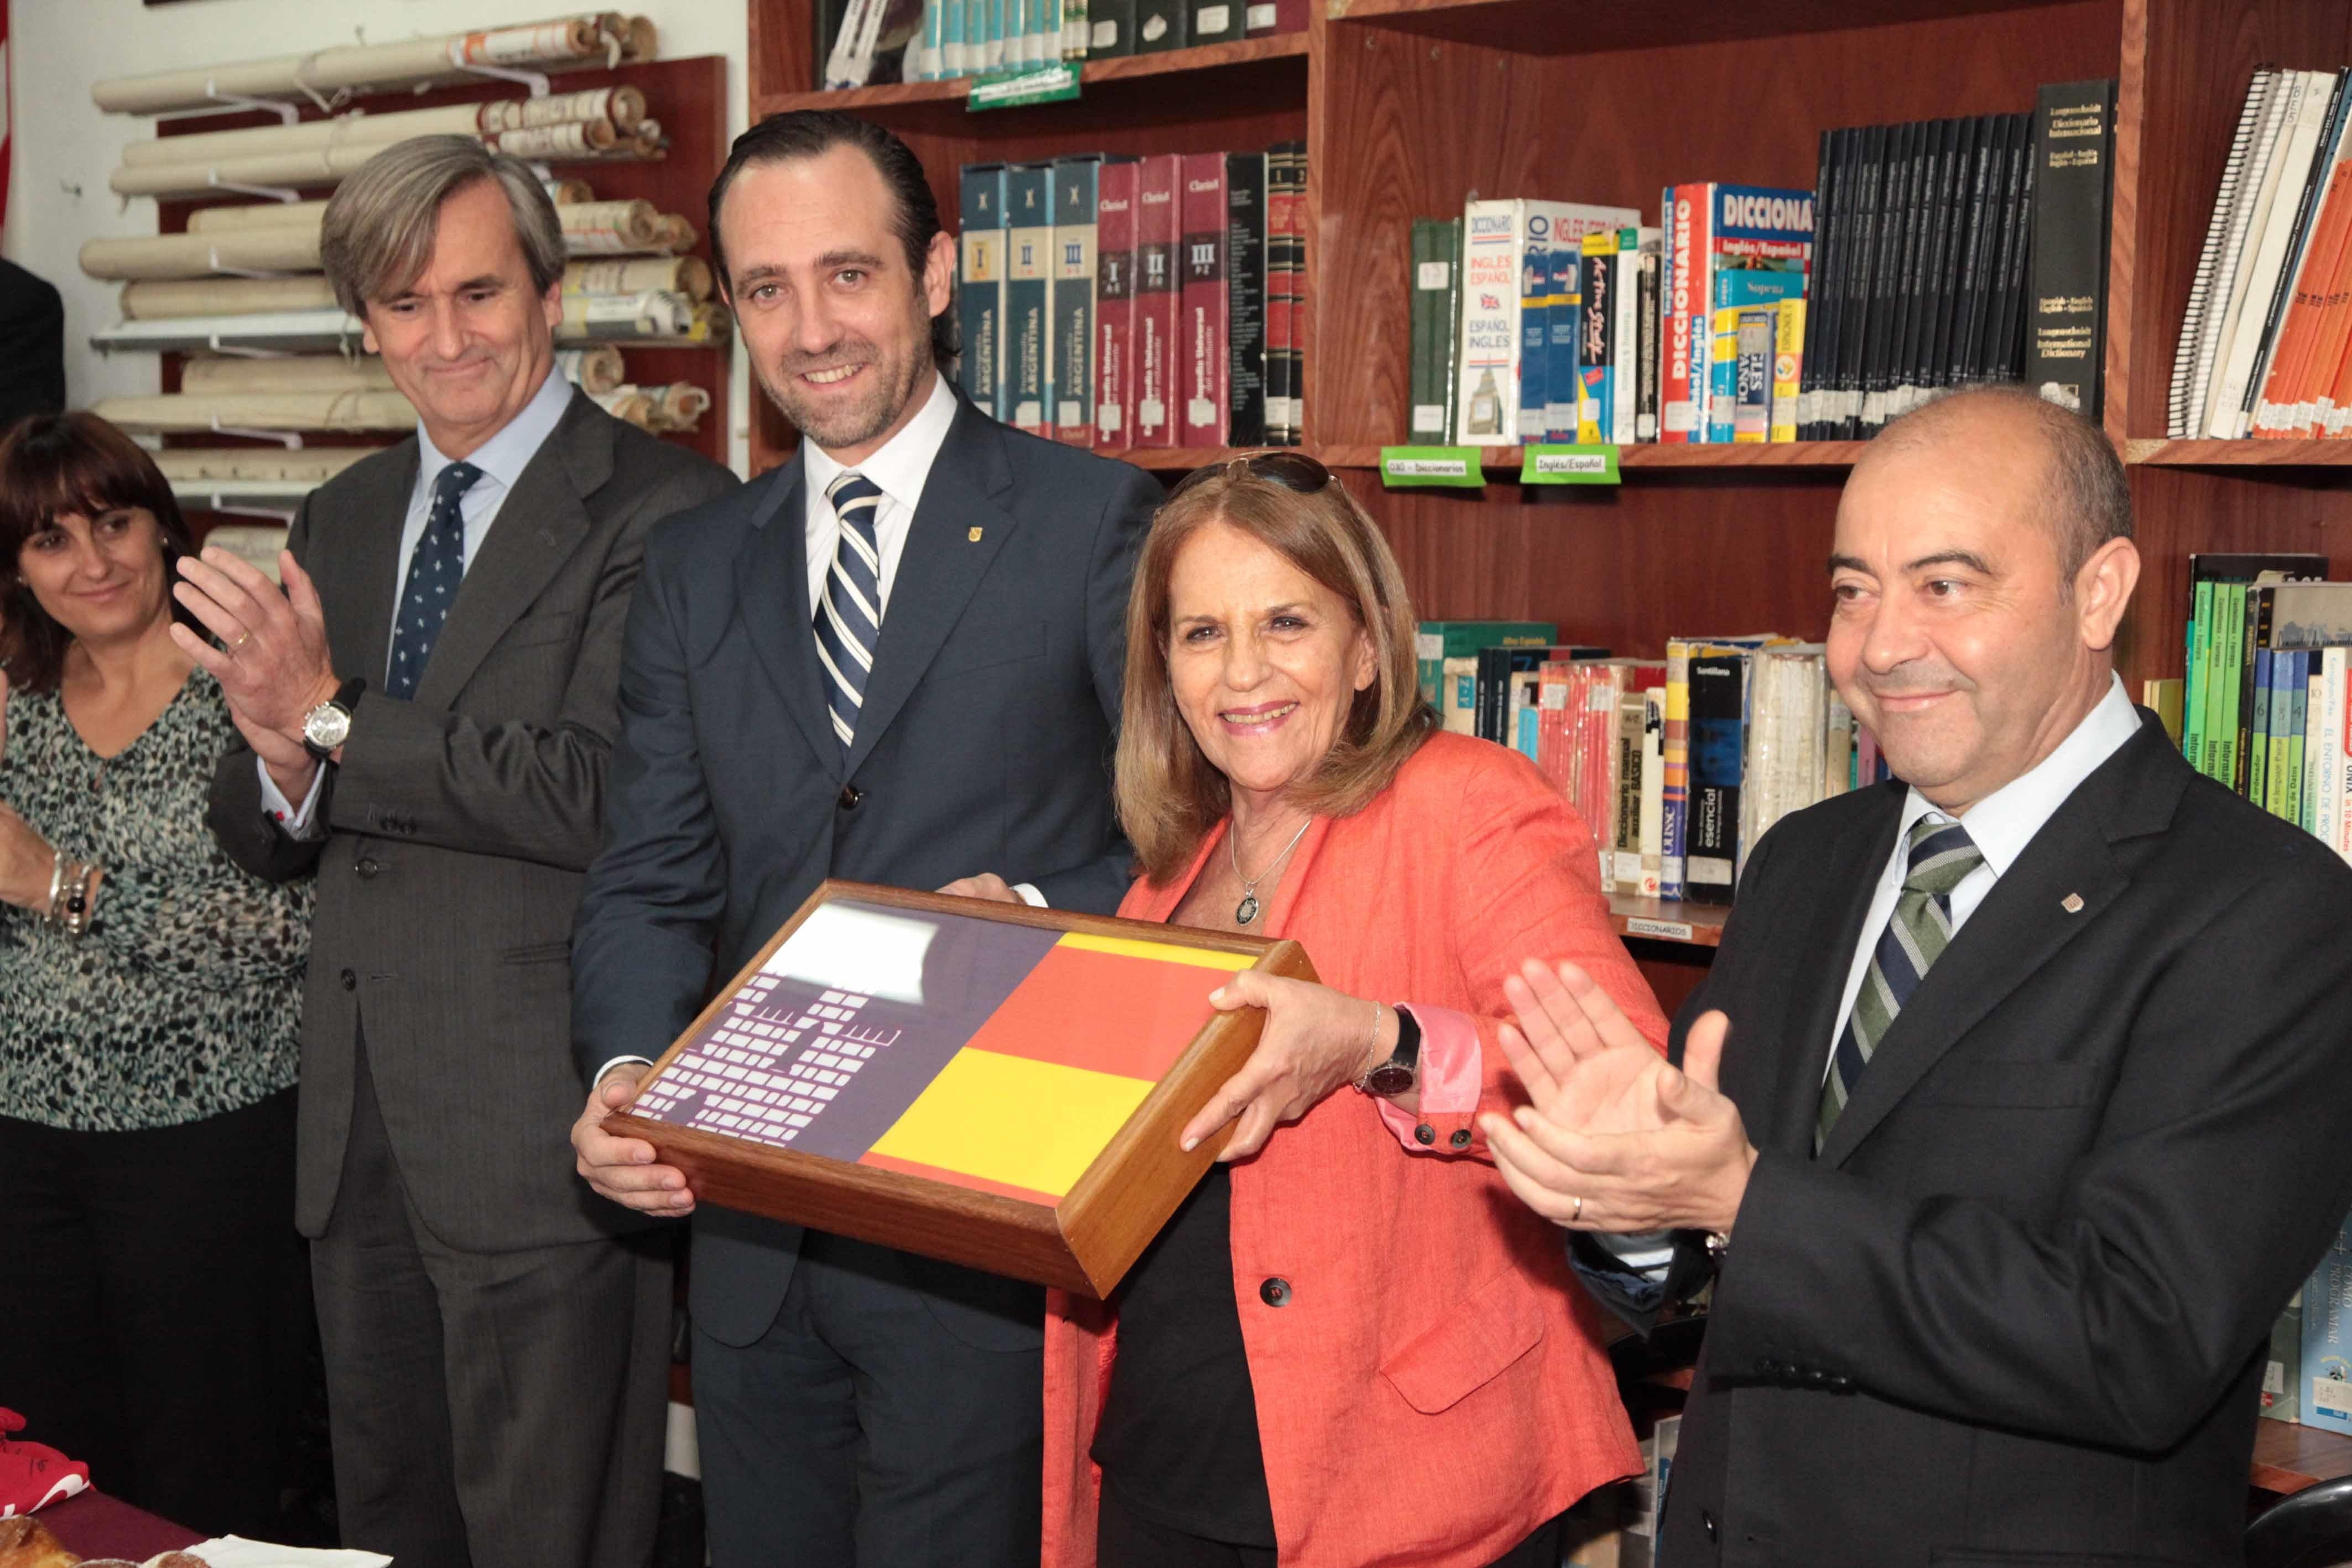 Bauzá conoce el proyecto de coeducación del Instituto Integral de Buenos Aires